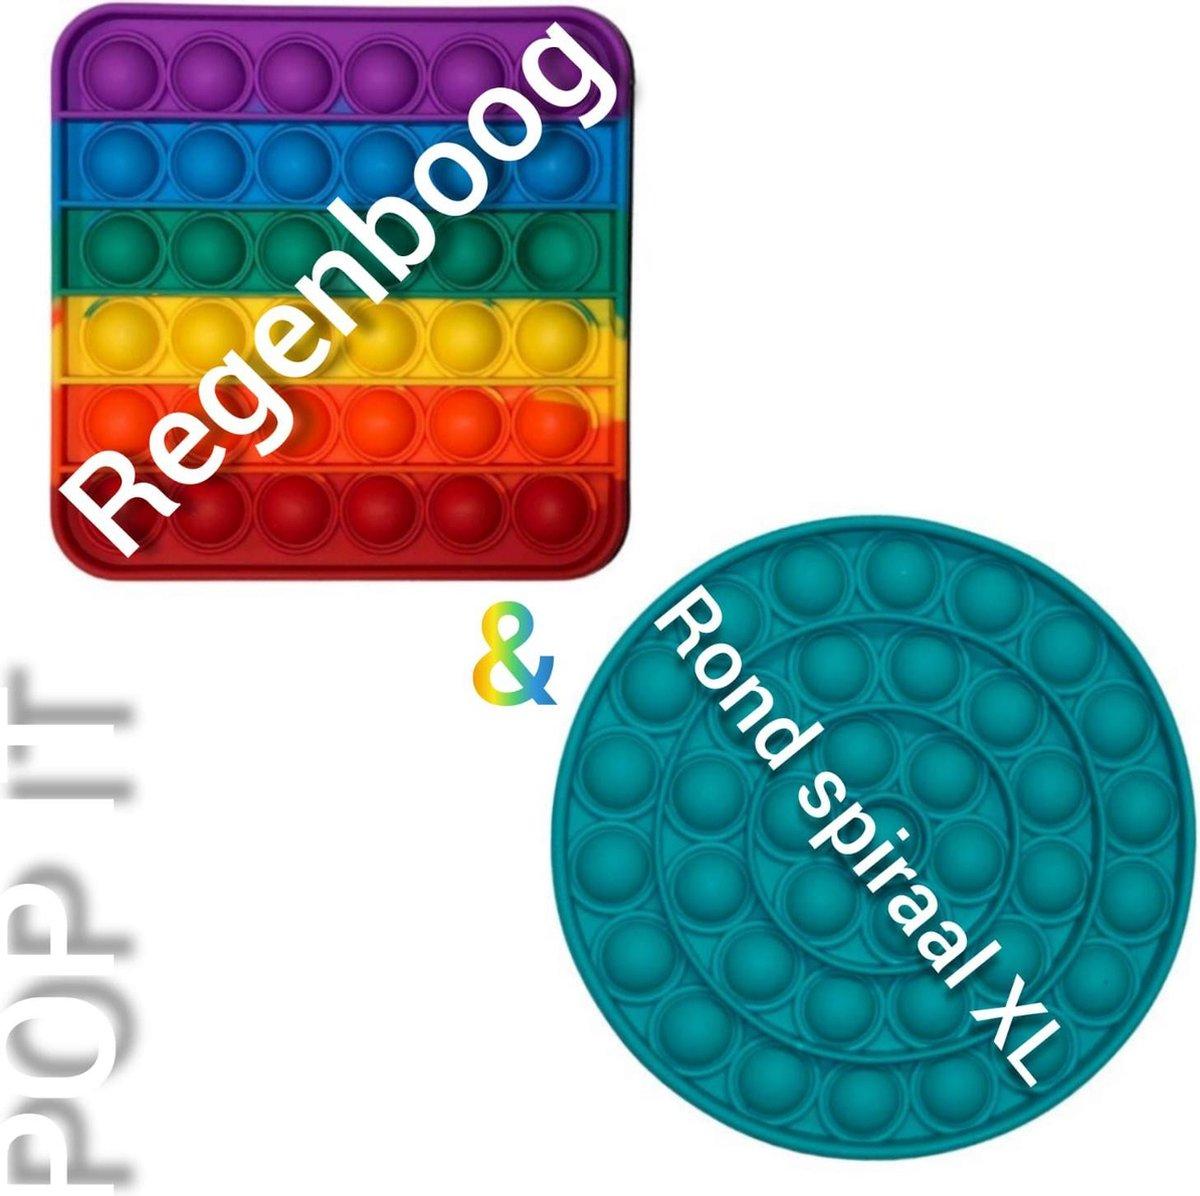 Pop it | Fidget toys pakket |Regenboog vierkant + Rond spiraal groen | Meisjes jongens volwassenen | Anti stress 2021 | Cadeautip _ Leuk voor zwembad